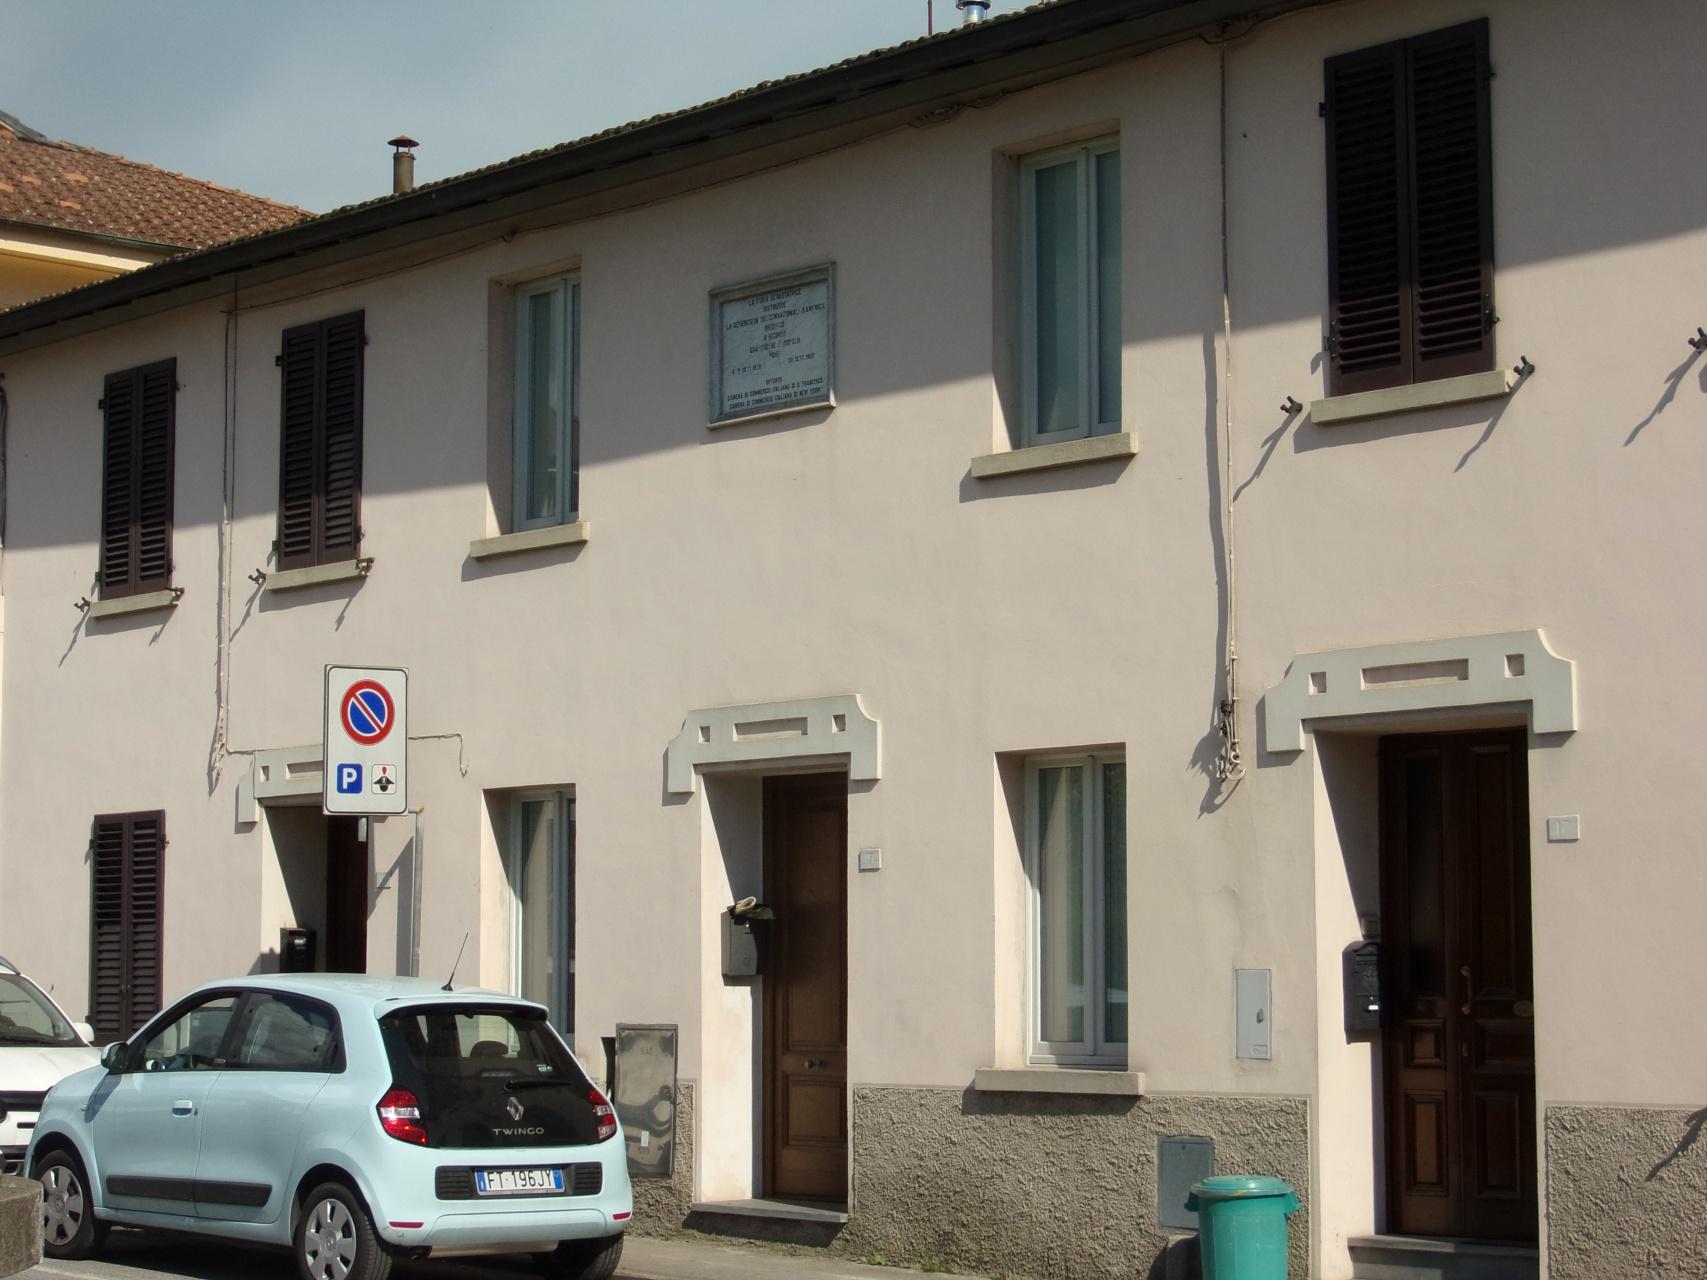 foto Casa ristrutturata con 2 camere da letto, 2 bagni, spazio esterno, Barga, LU